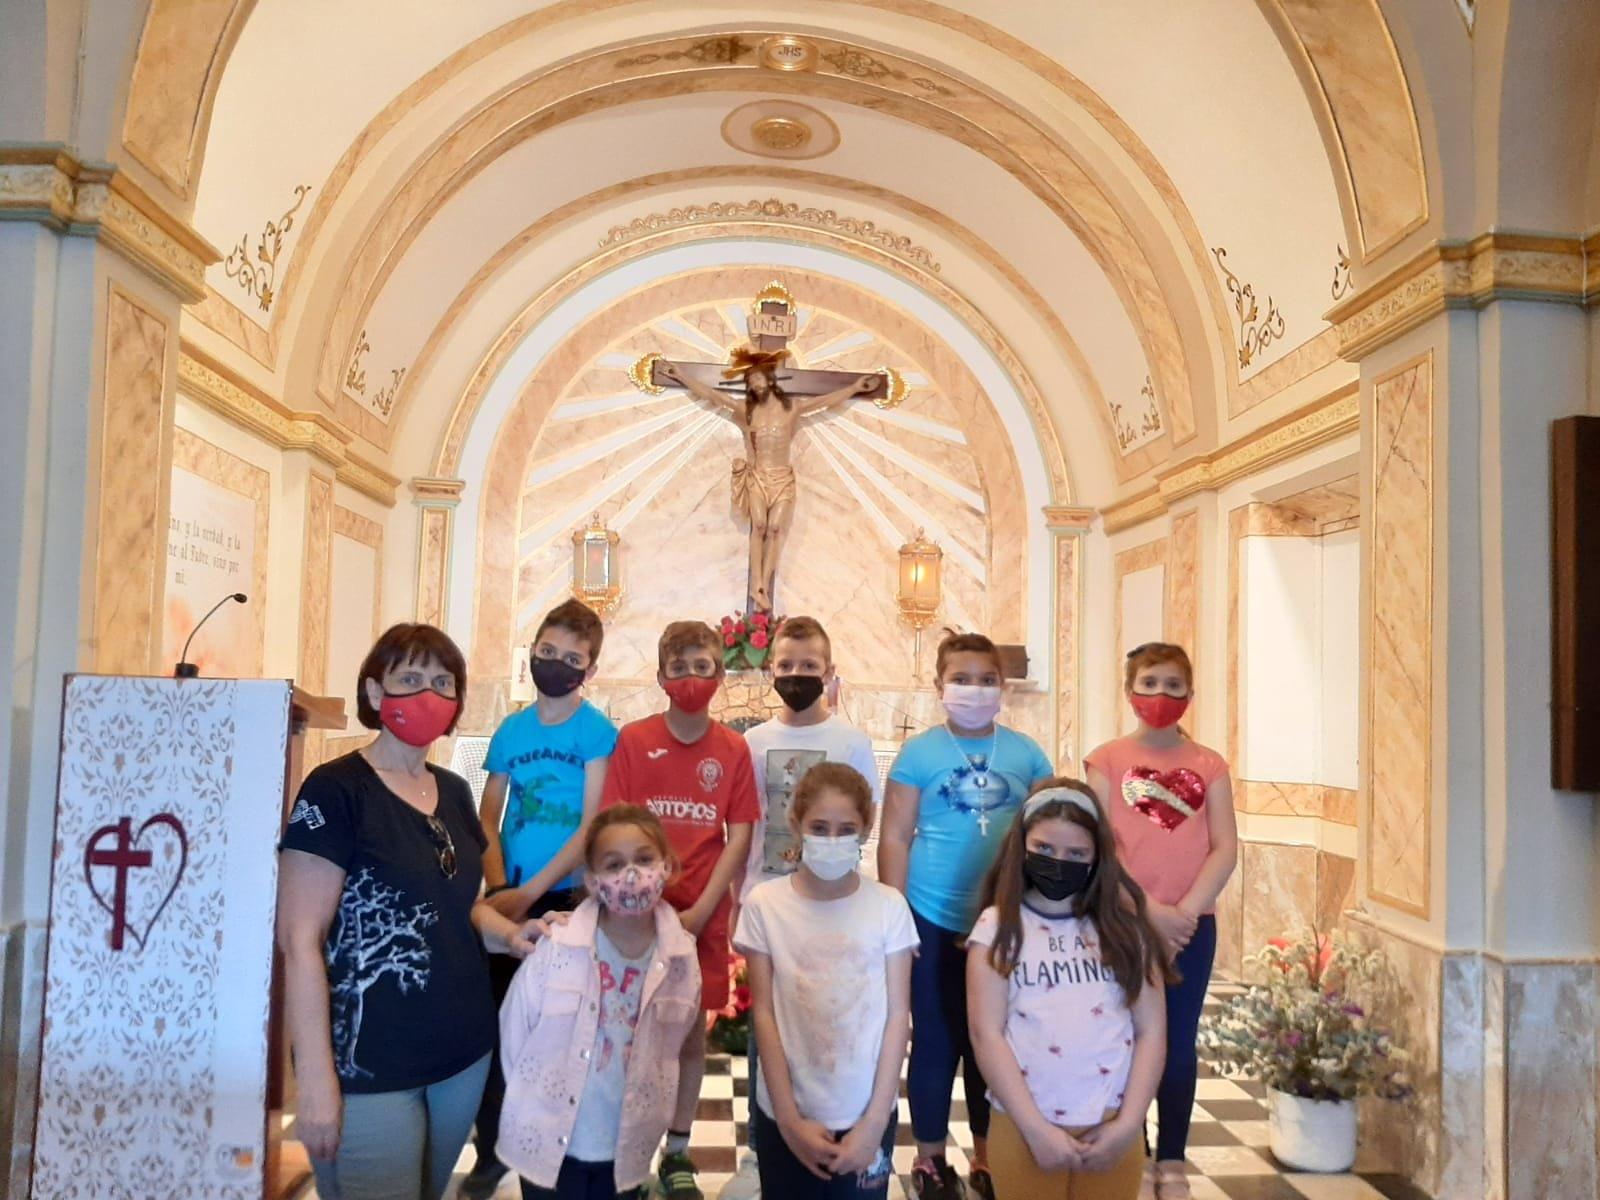 (2021-05-25) - Visita ermita alumnos Laura,3º A, Reina Sofia - Maria Isabel Berenquer Brotons - (02)